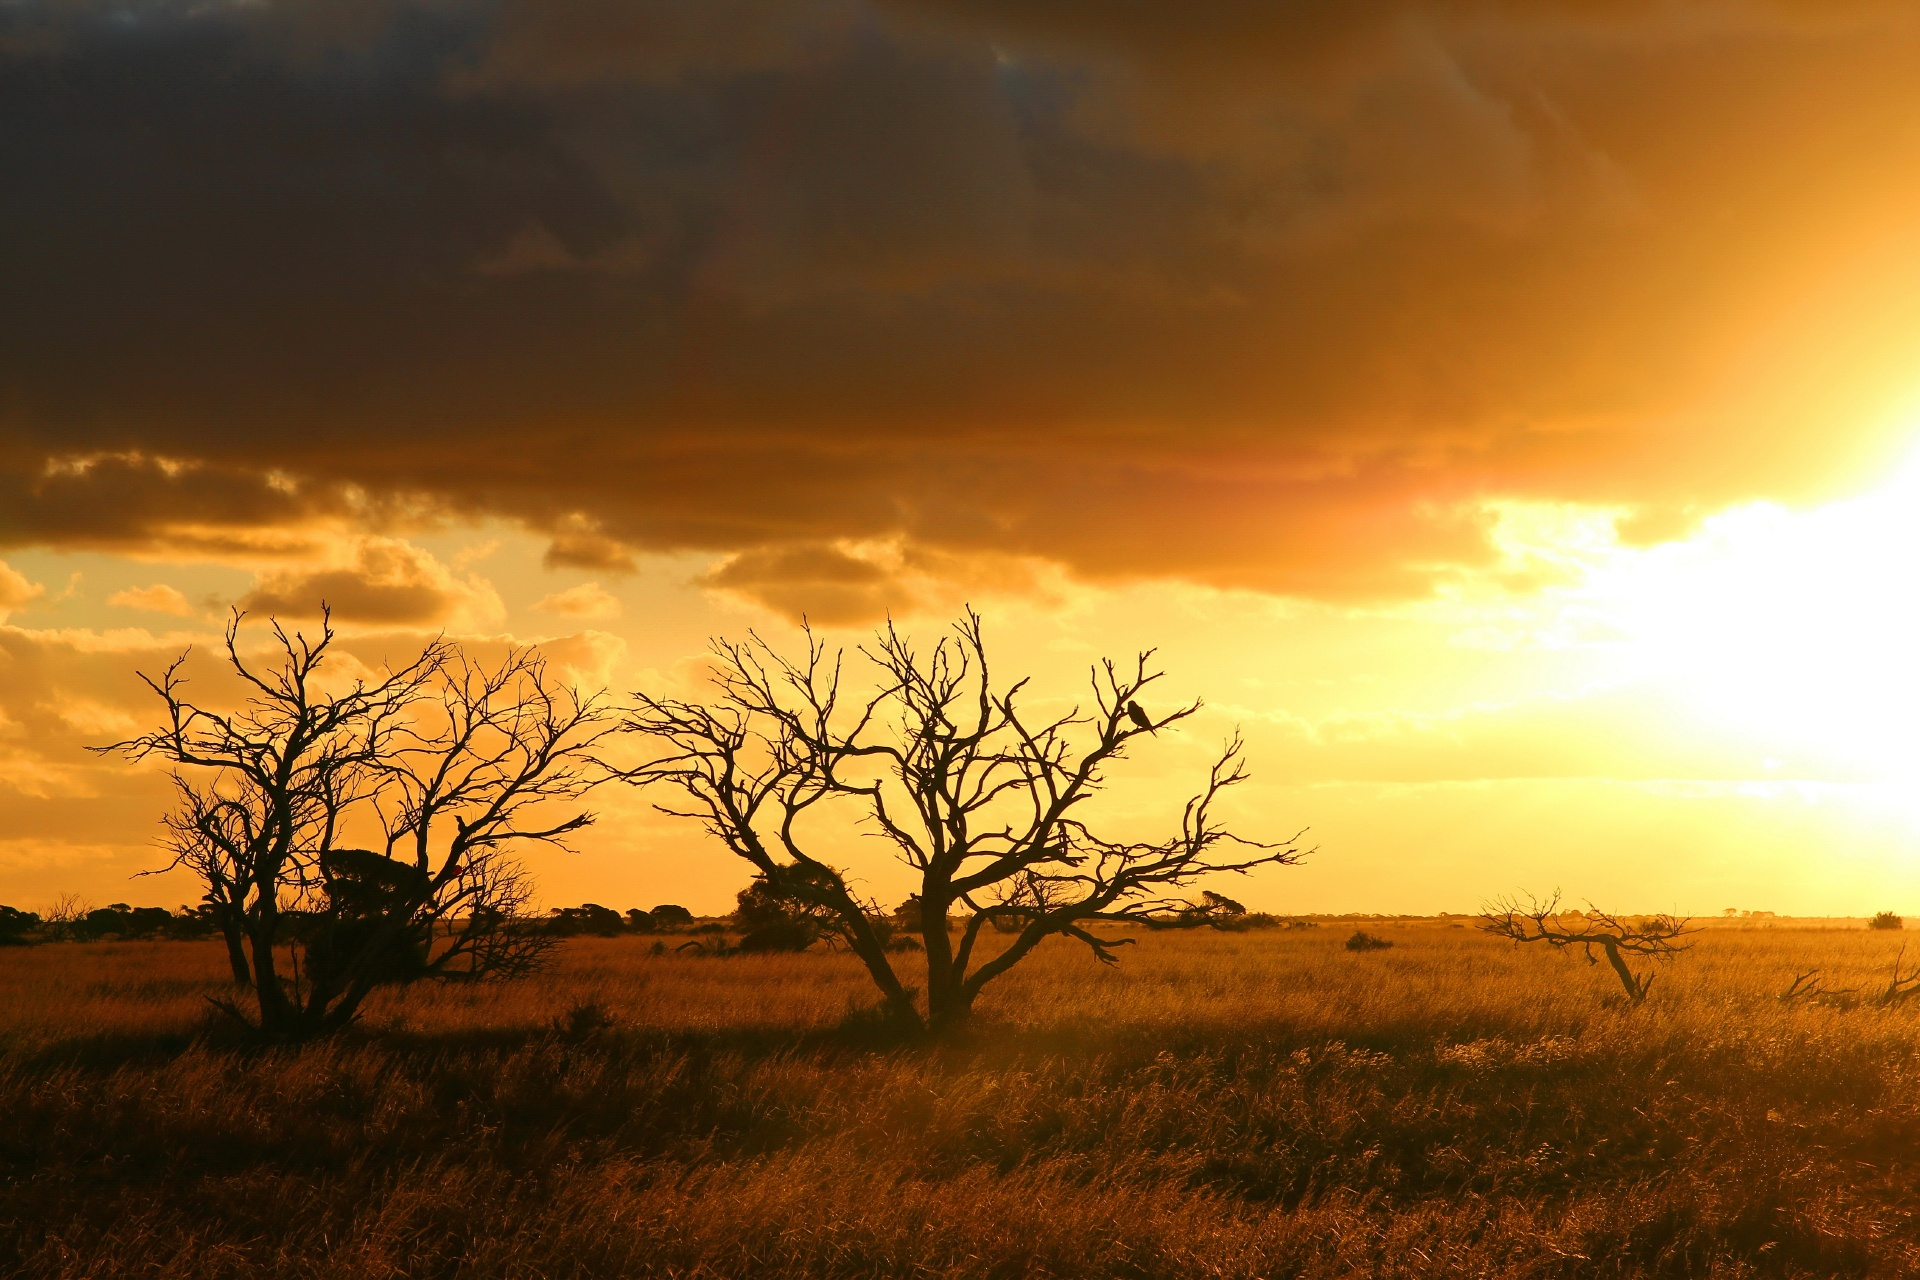 ナラボー平原の風景 オーストラリアの風景